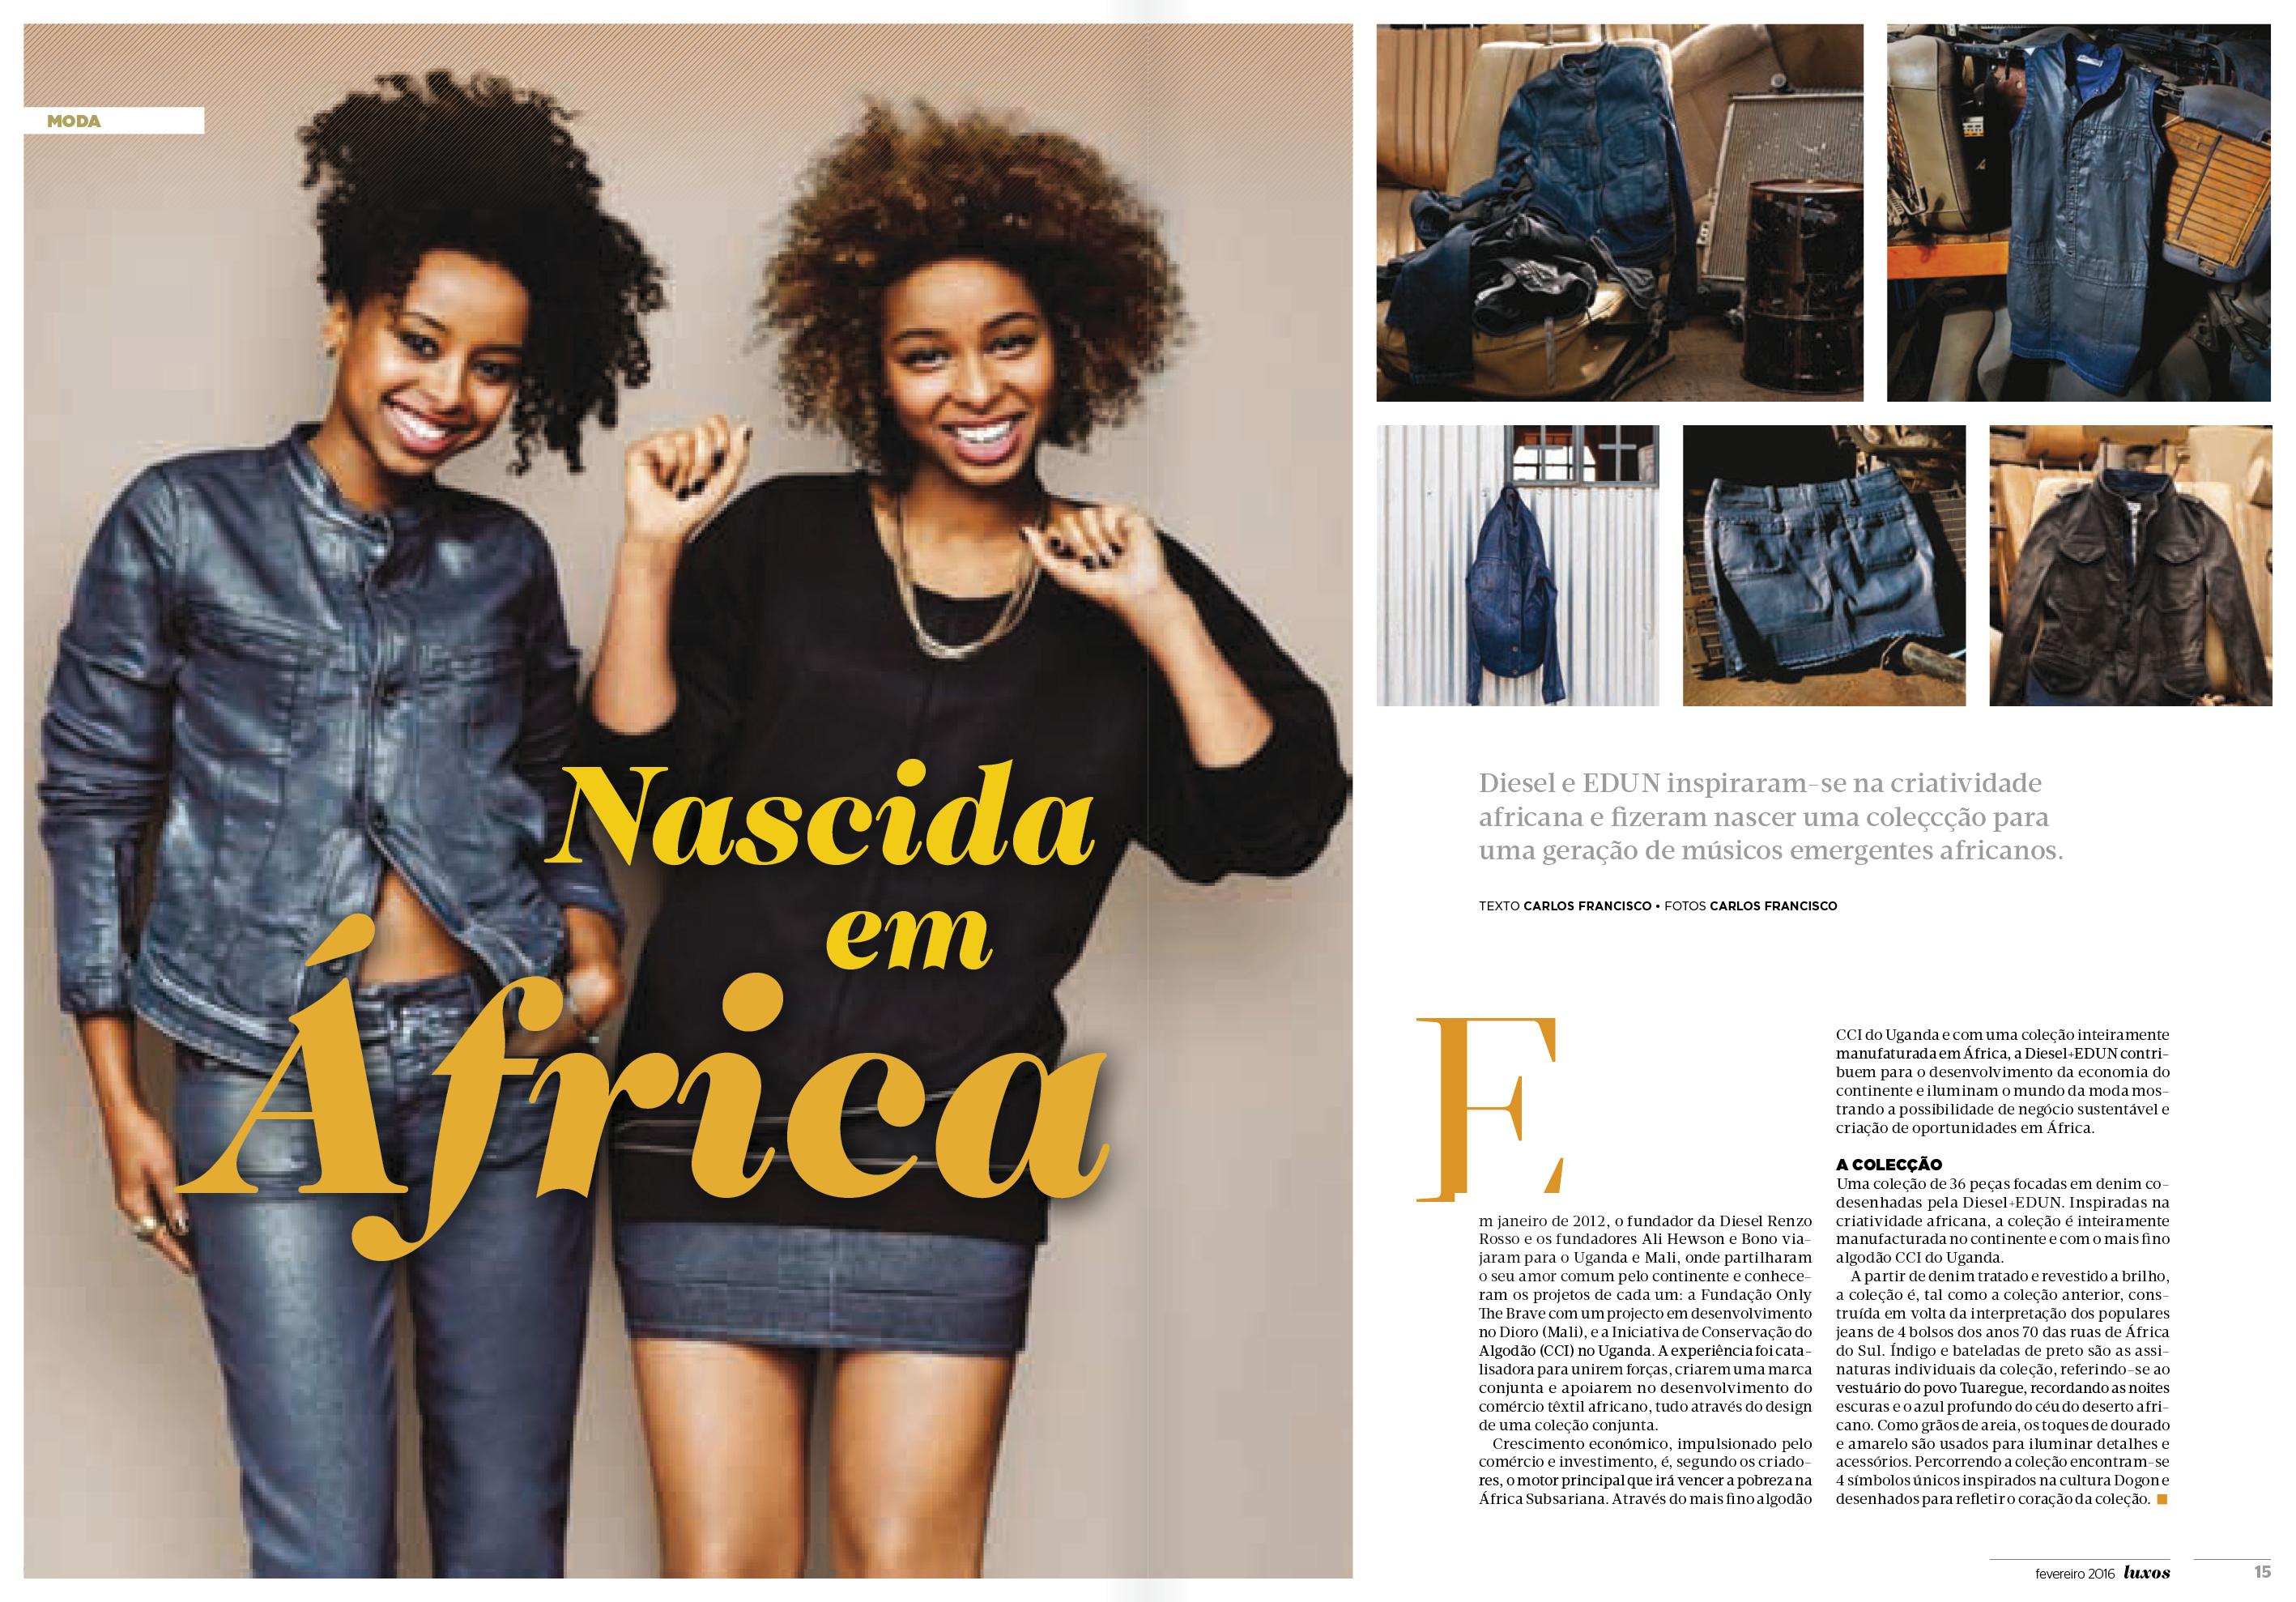 Projecto revista Luxos – Expansão – jribeiro